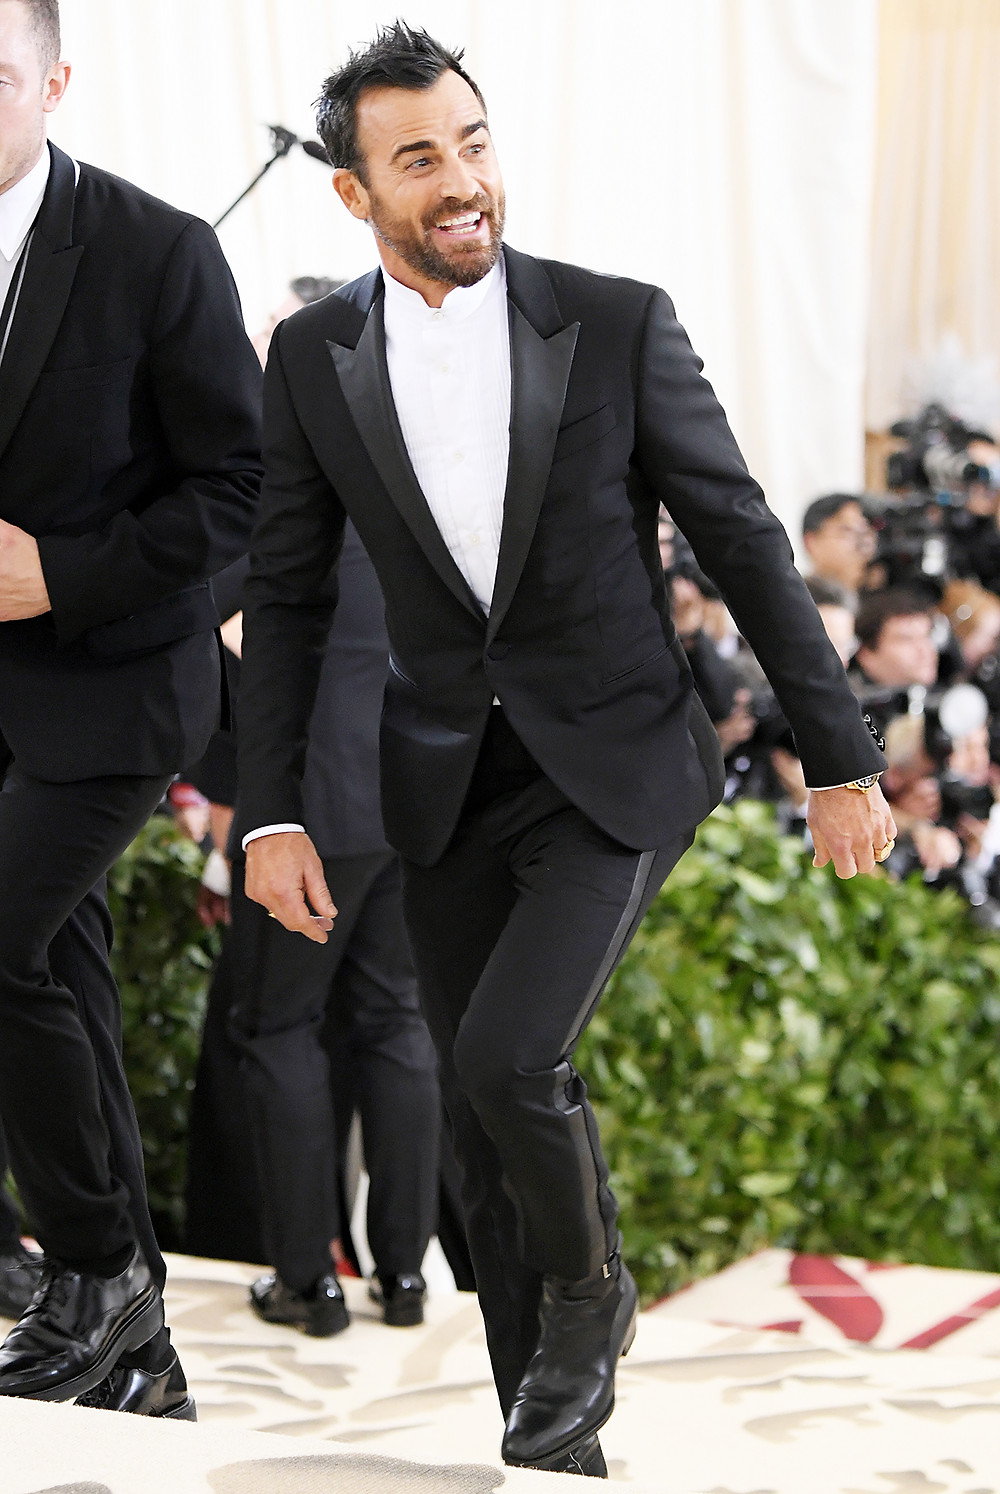 via Esquire.com (Getty Images)